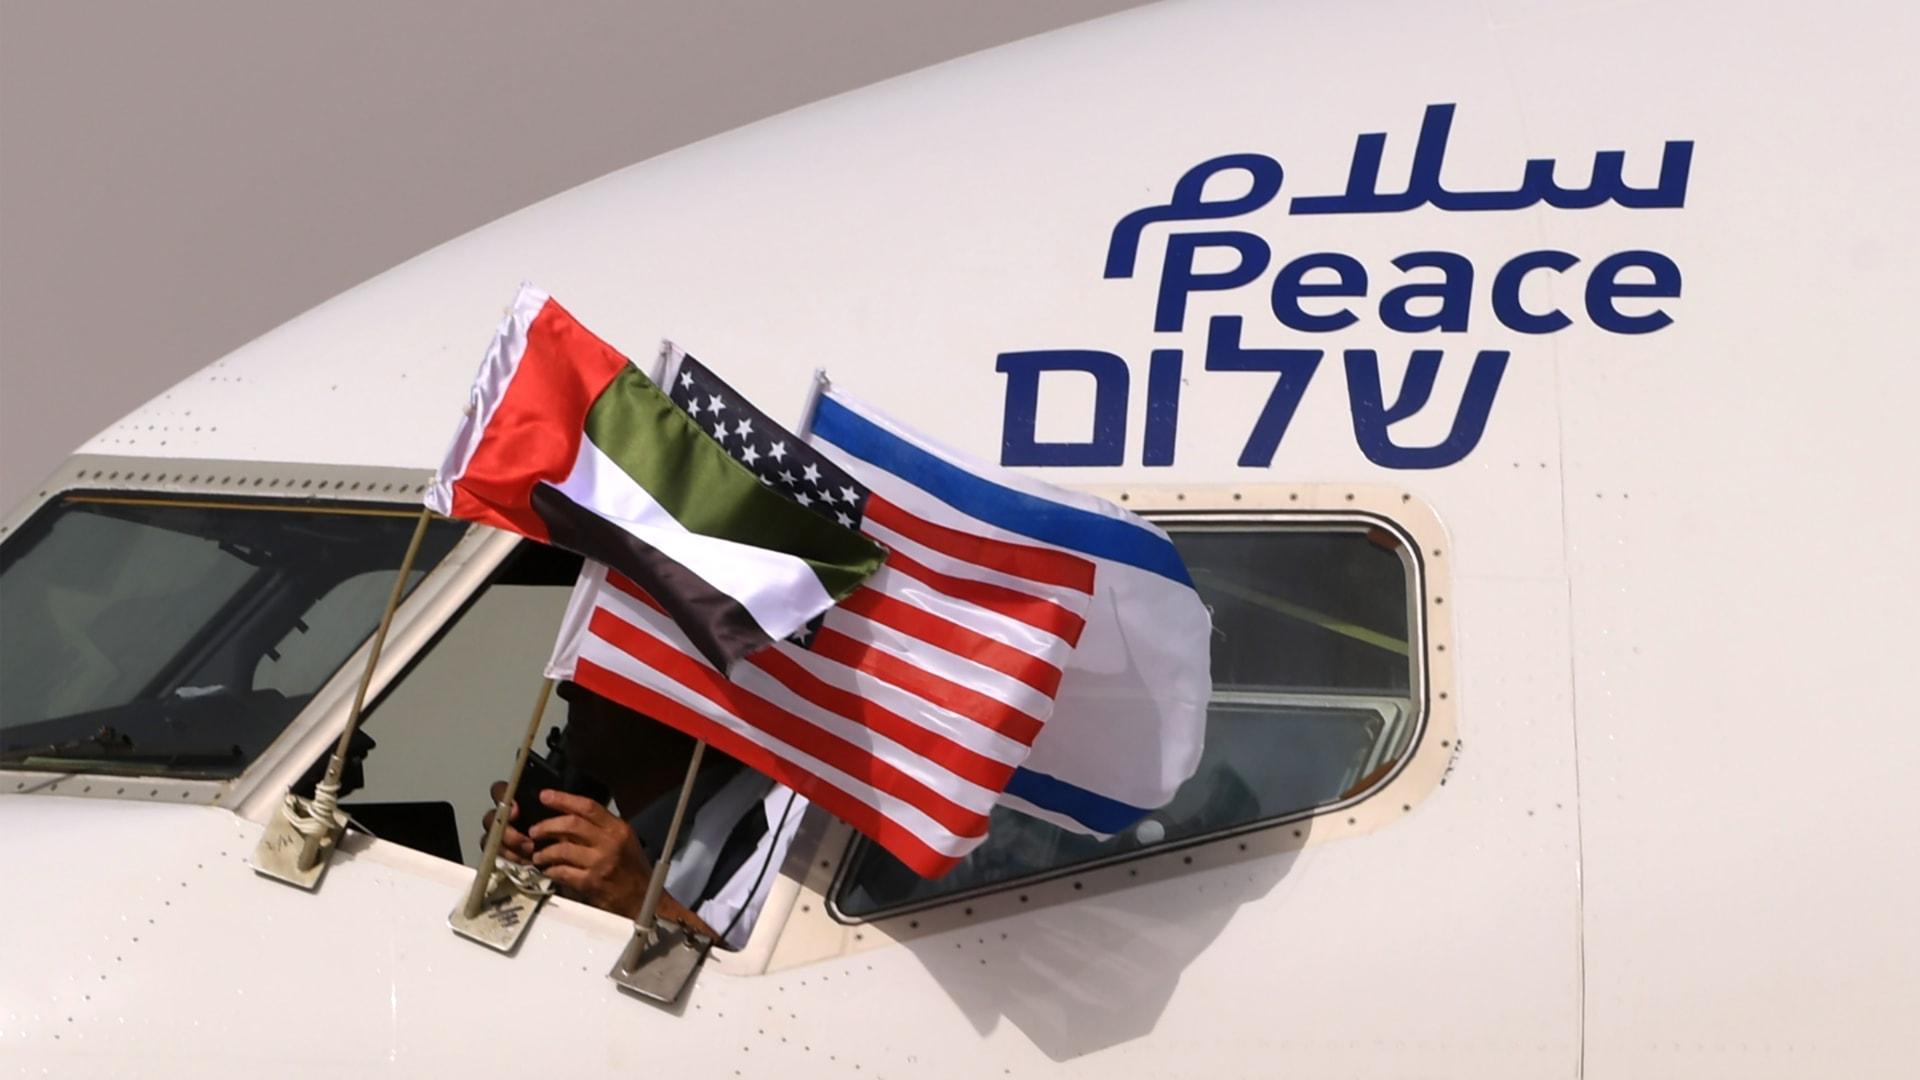 عبد الله بن زايد للفلسطينيين في الإمارات: أنتم في بلدكم الثاني وبين أهلكم